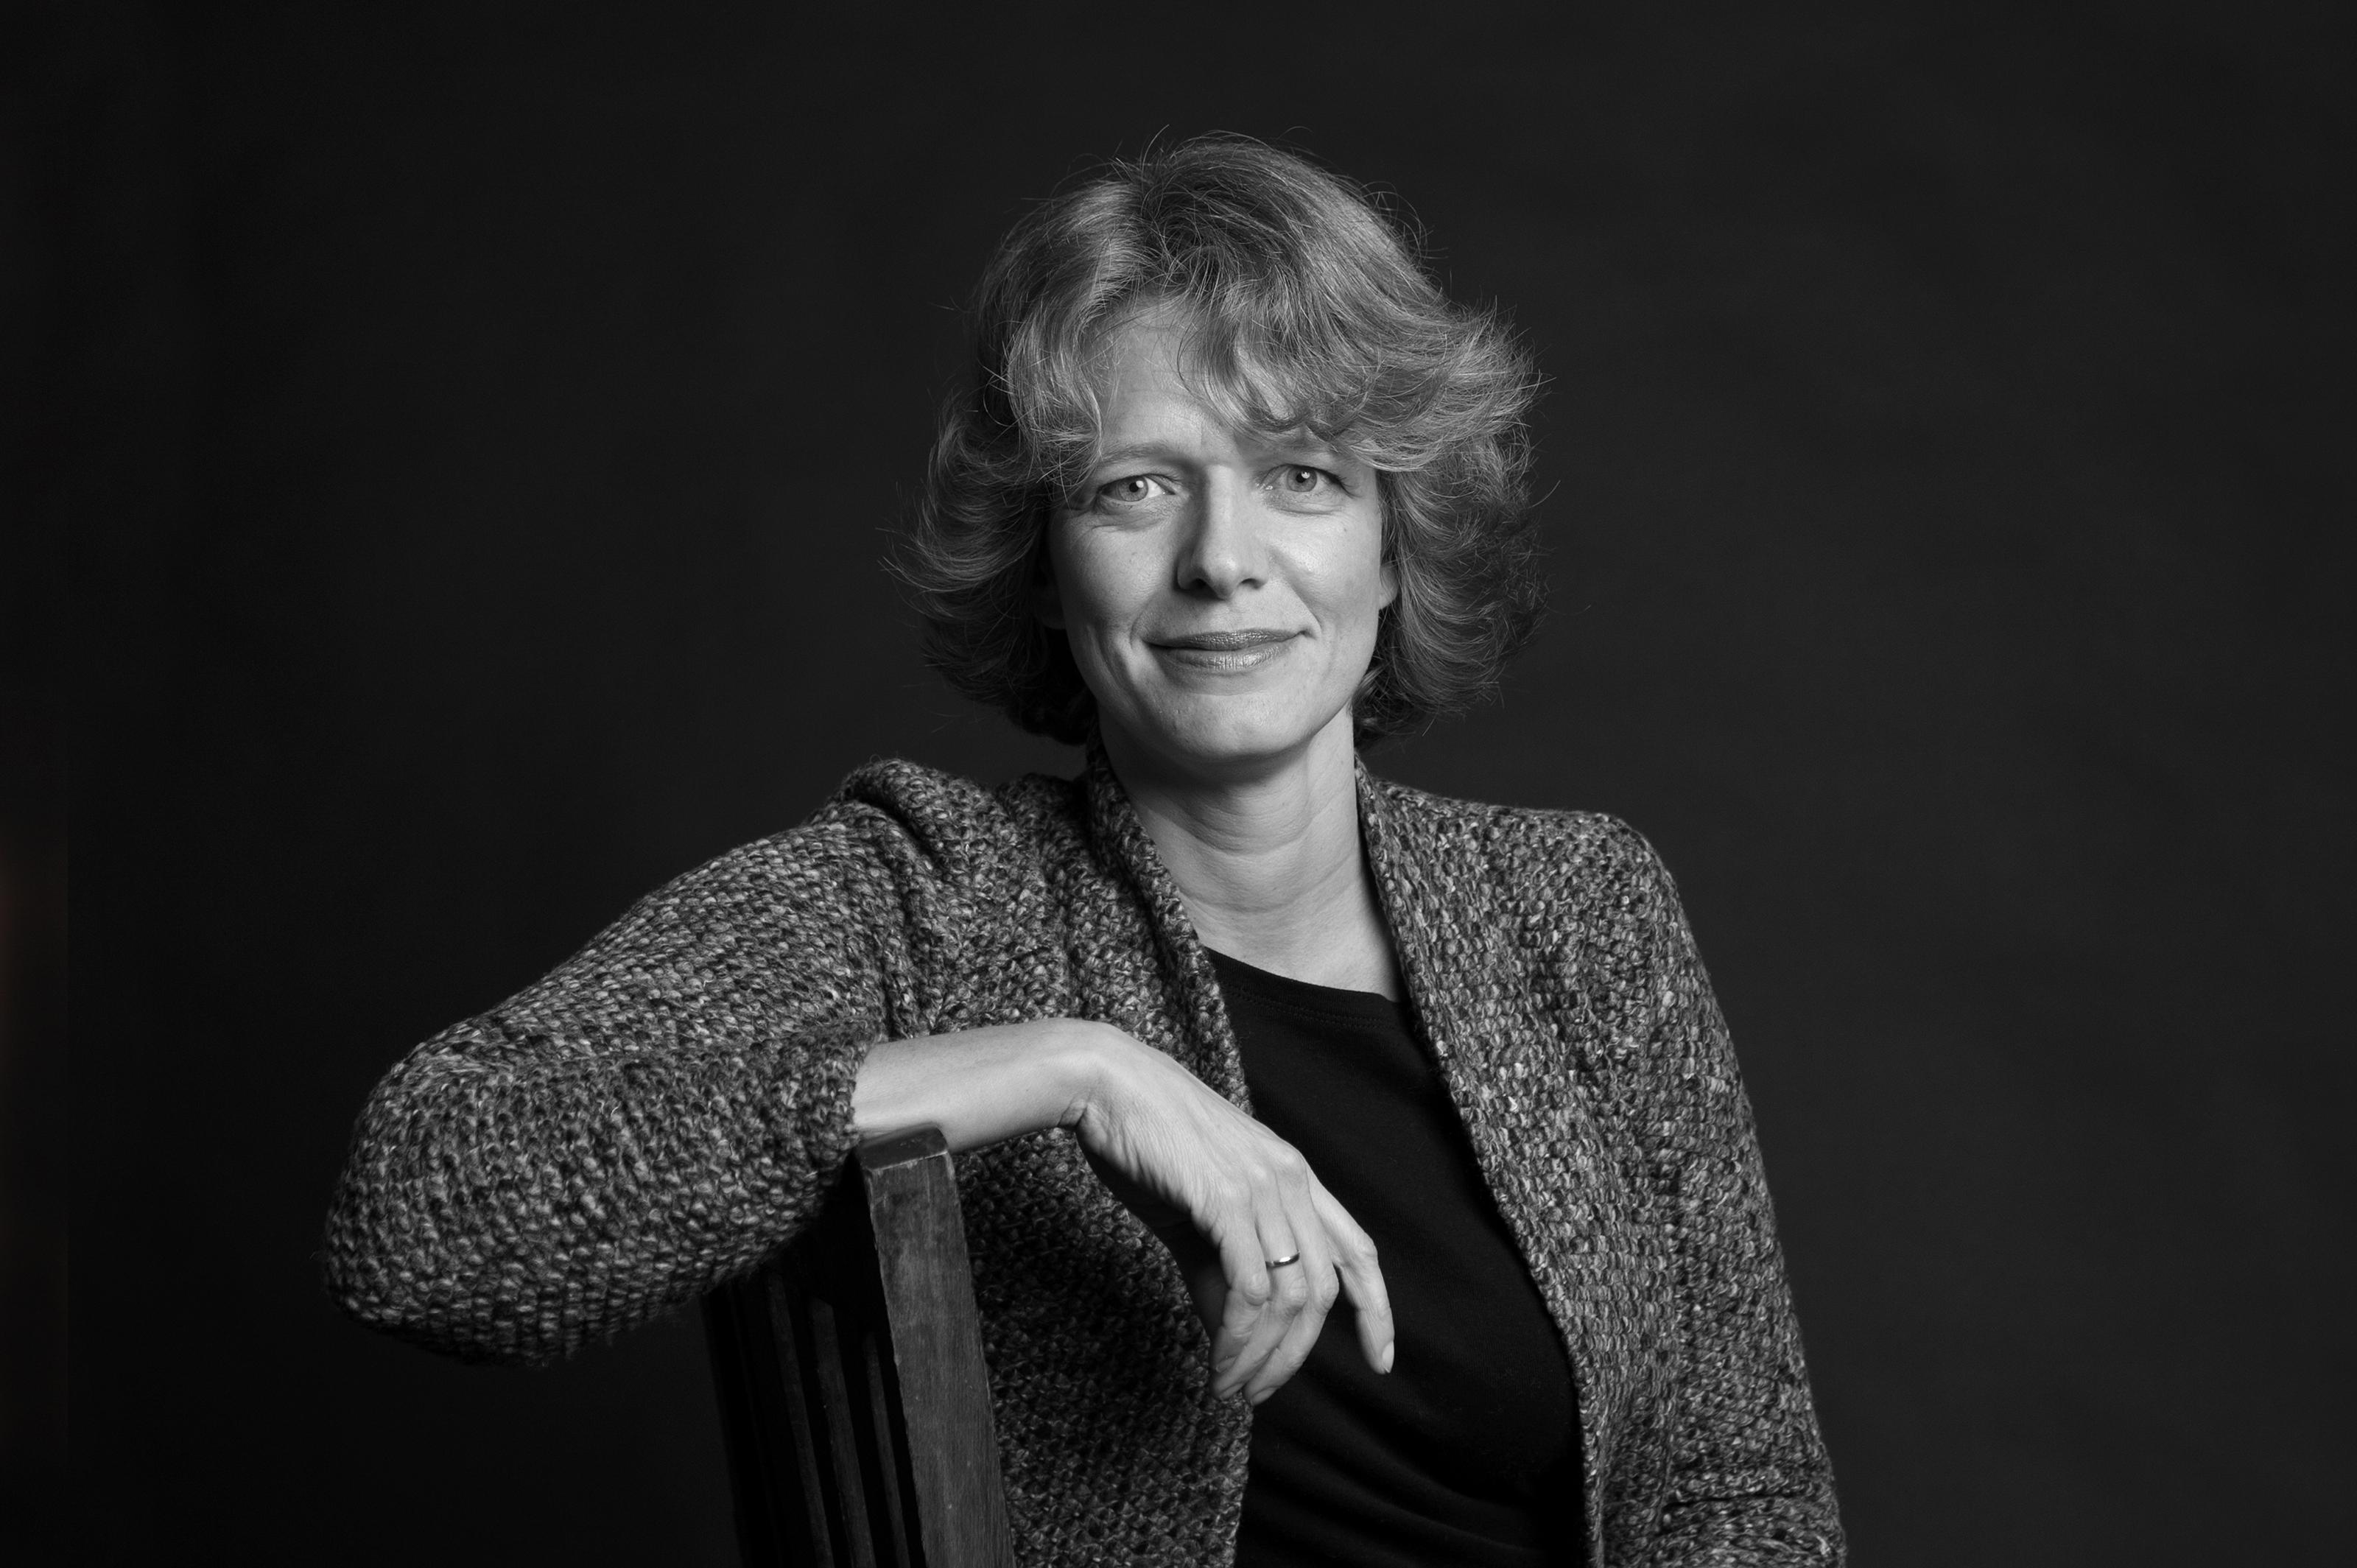 portretfoto Therese van Rossum